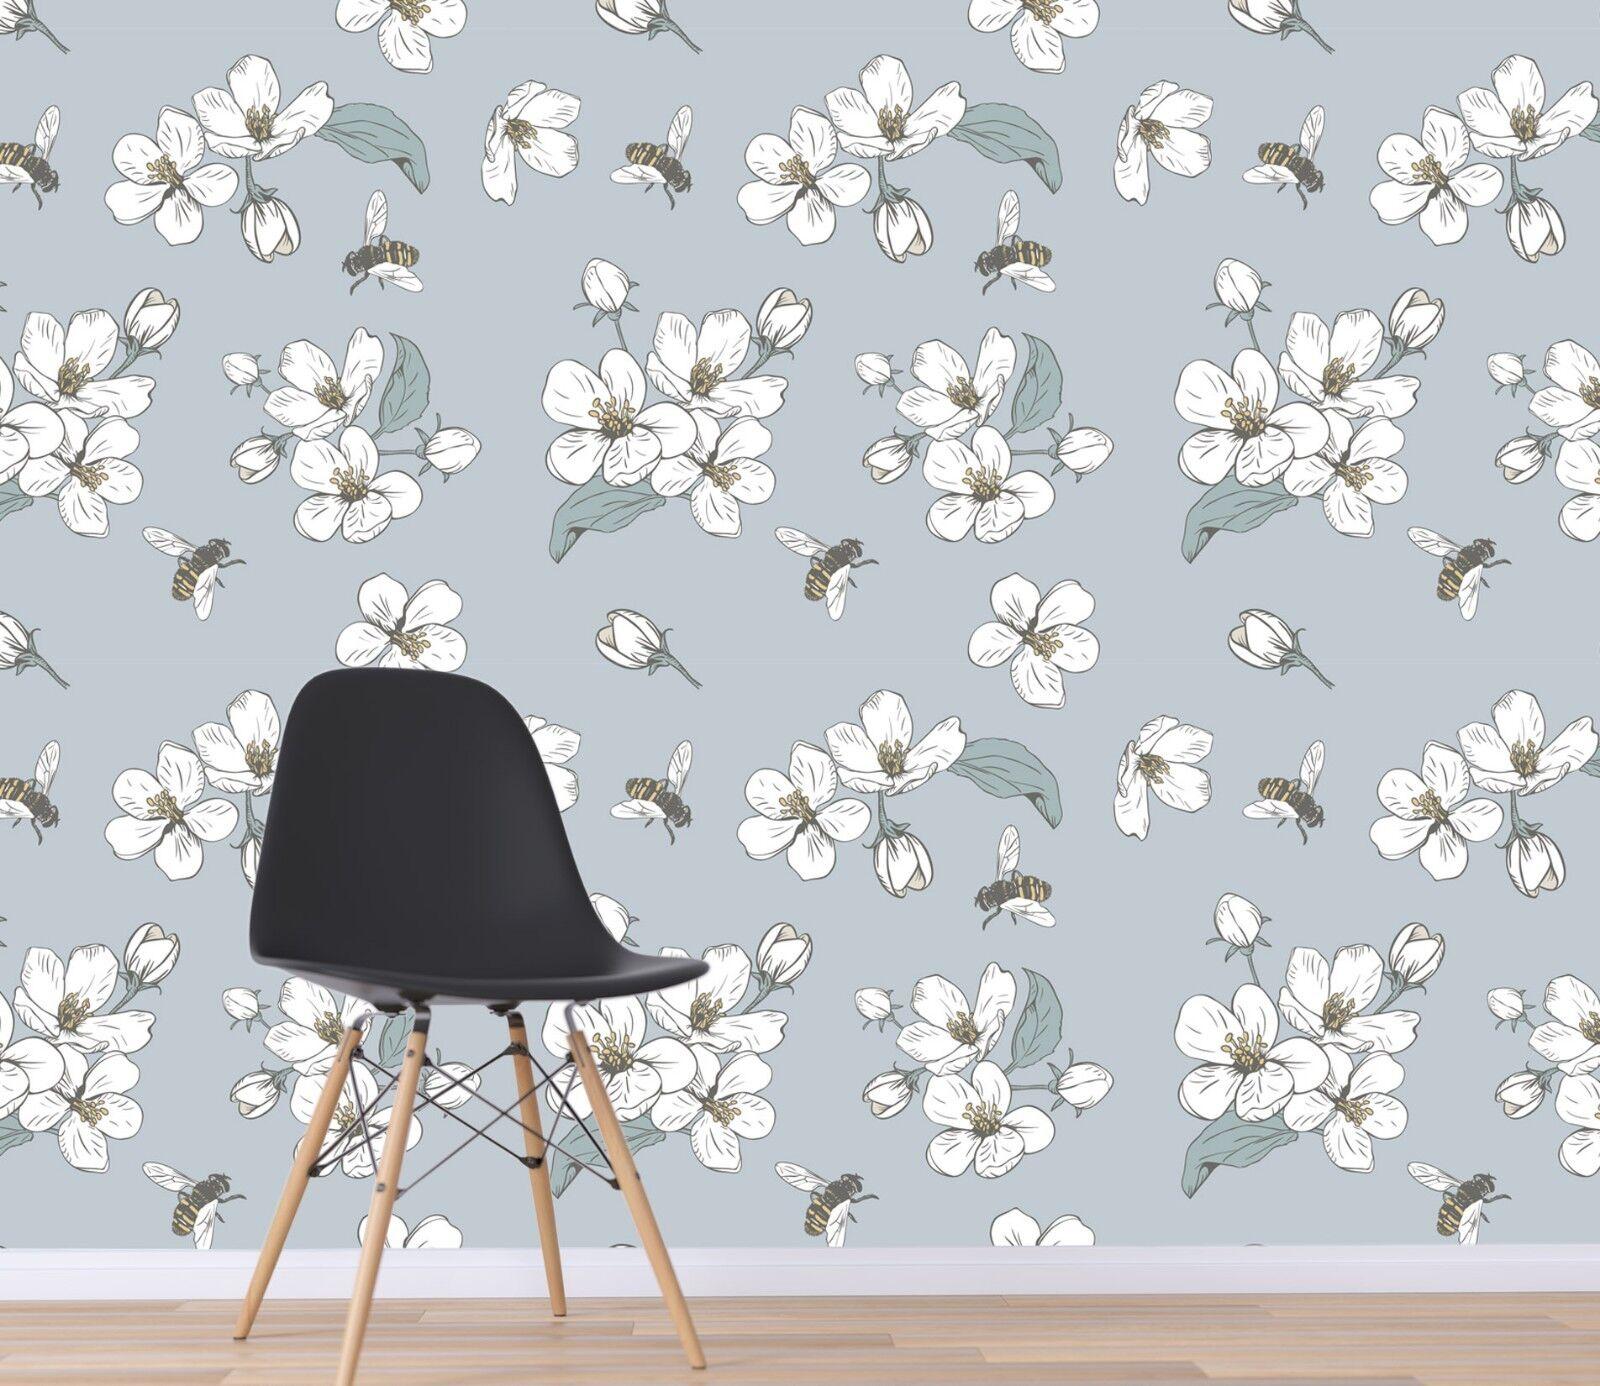 3D Bee Weiß Petals 45 Wall Paper Wall Print Decal Deco Indoor Wall Mural CA